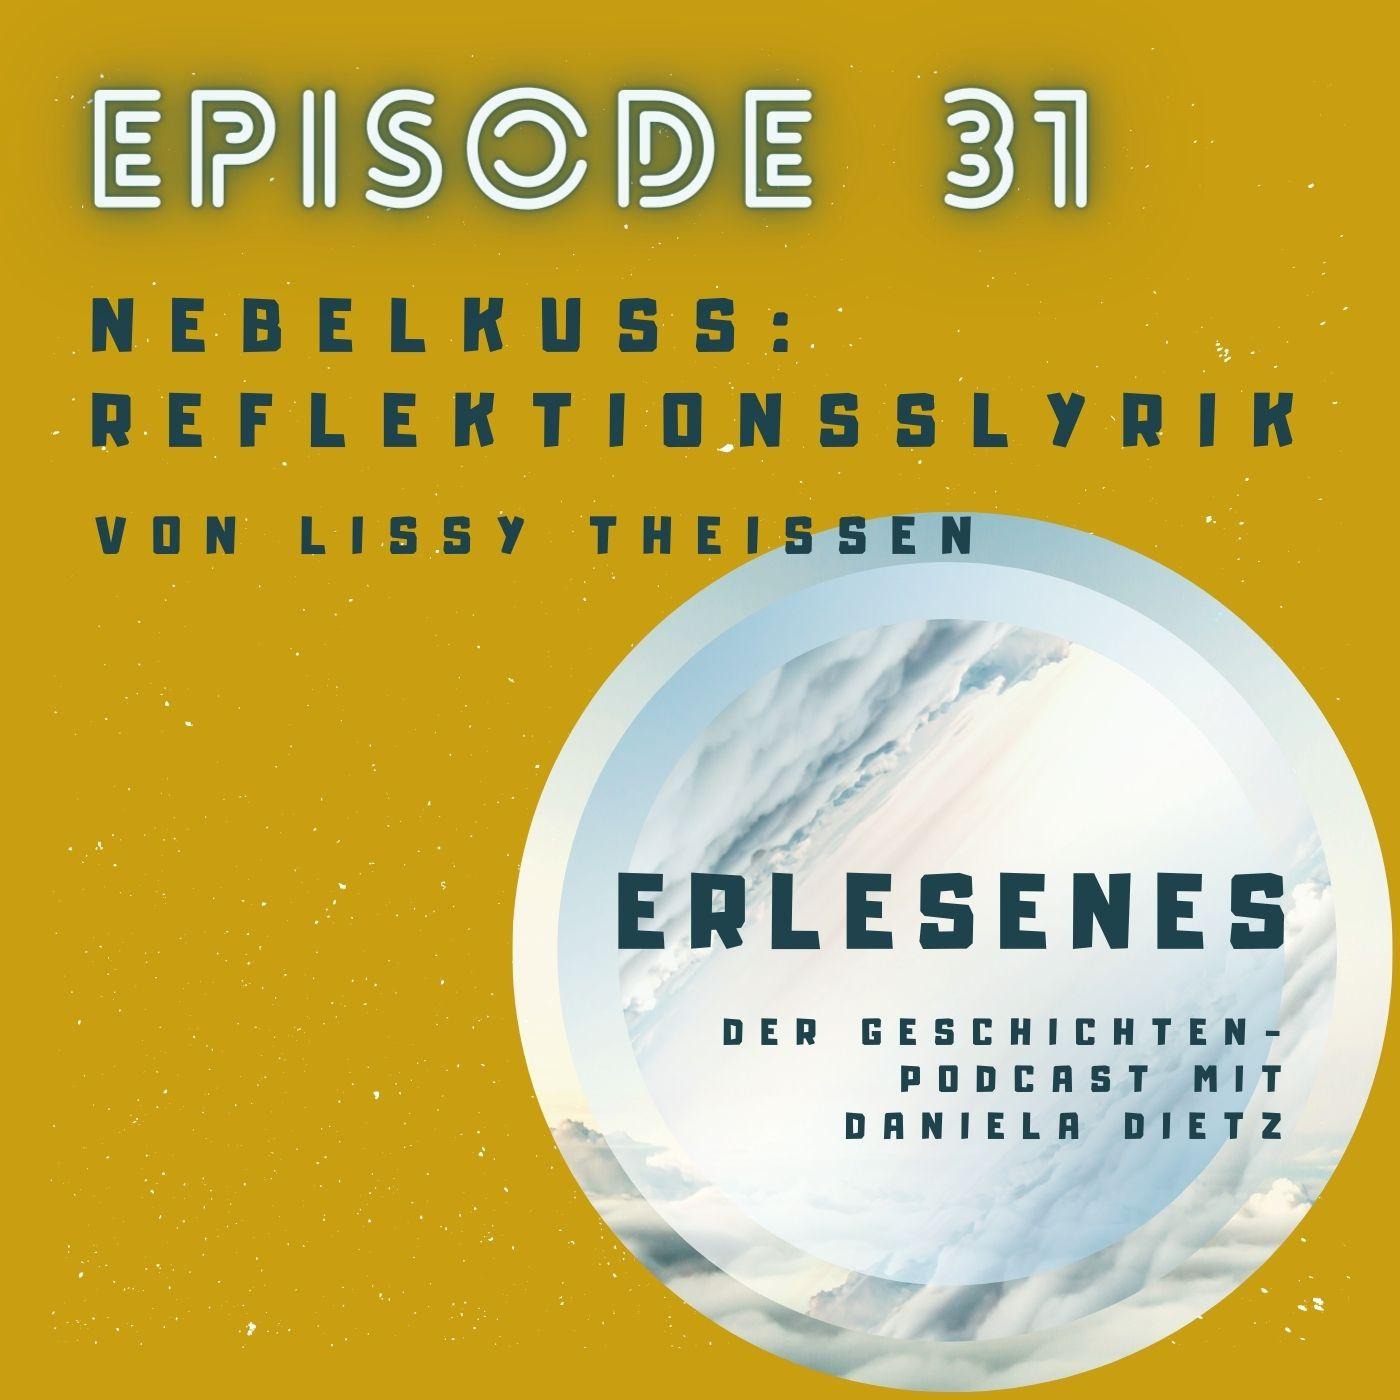 Episode 31: Nebelkuss - Reflektionsslyrik von Lissy Theissen